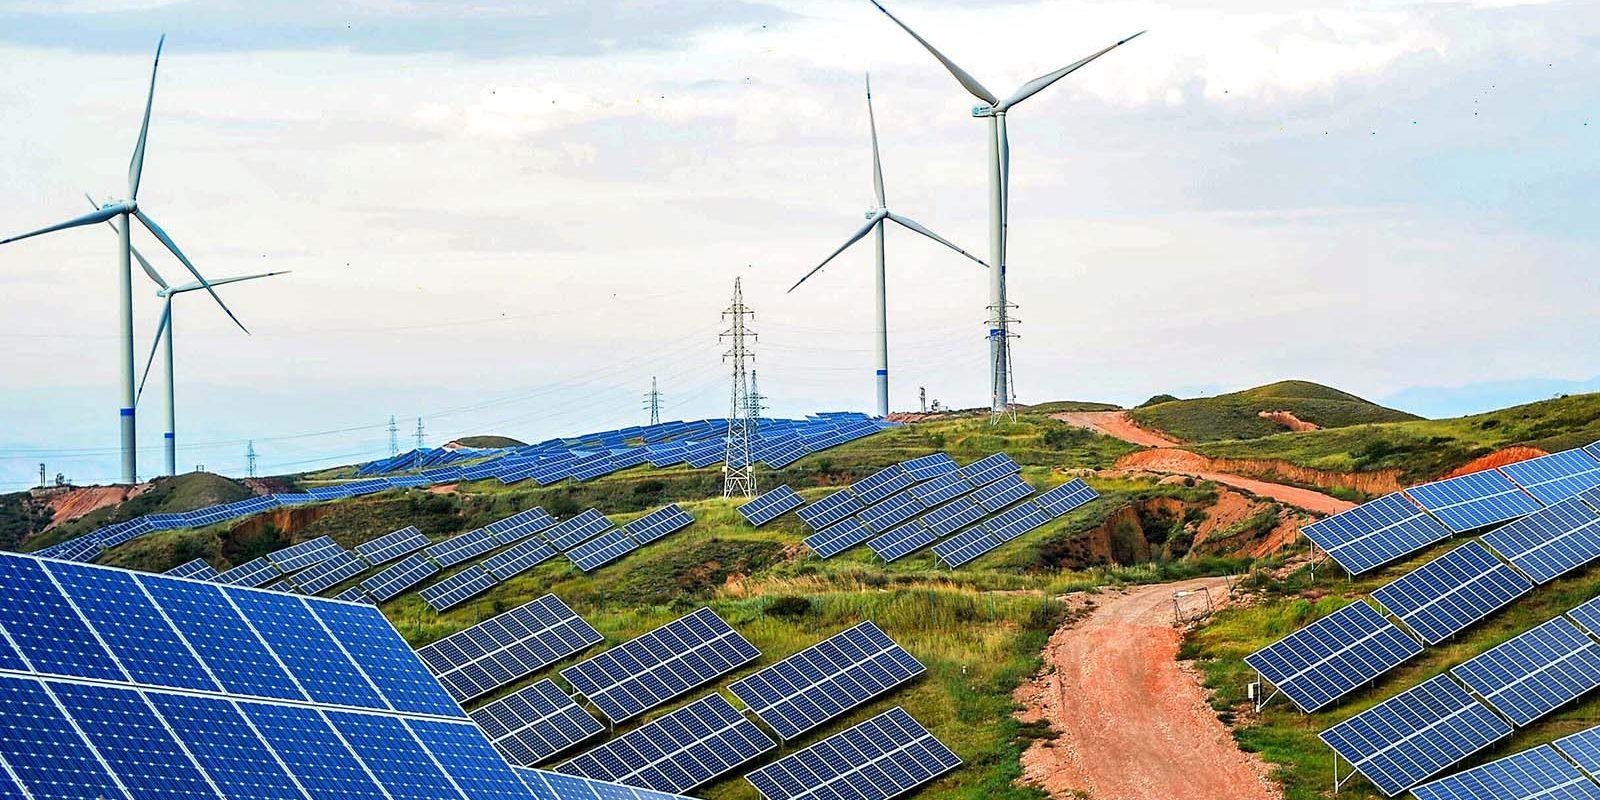 Panel surya dalam praktik EBT